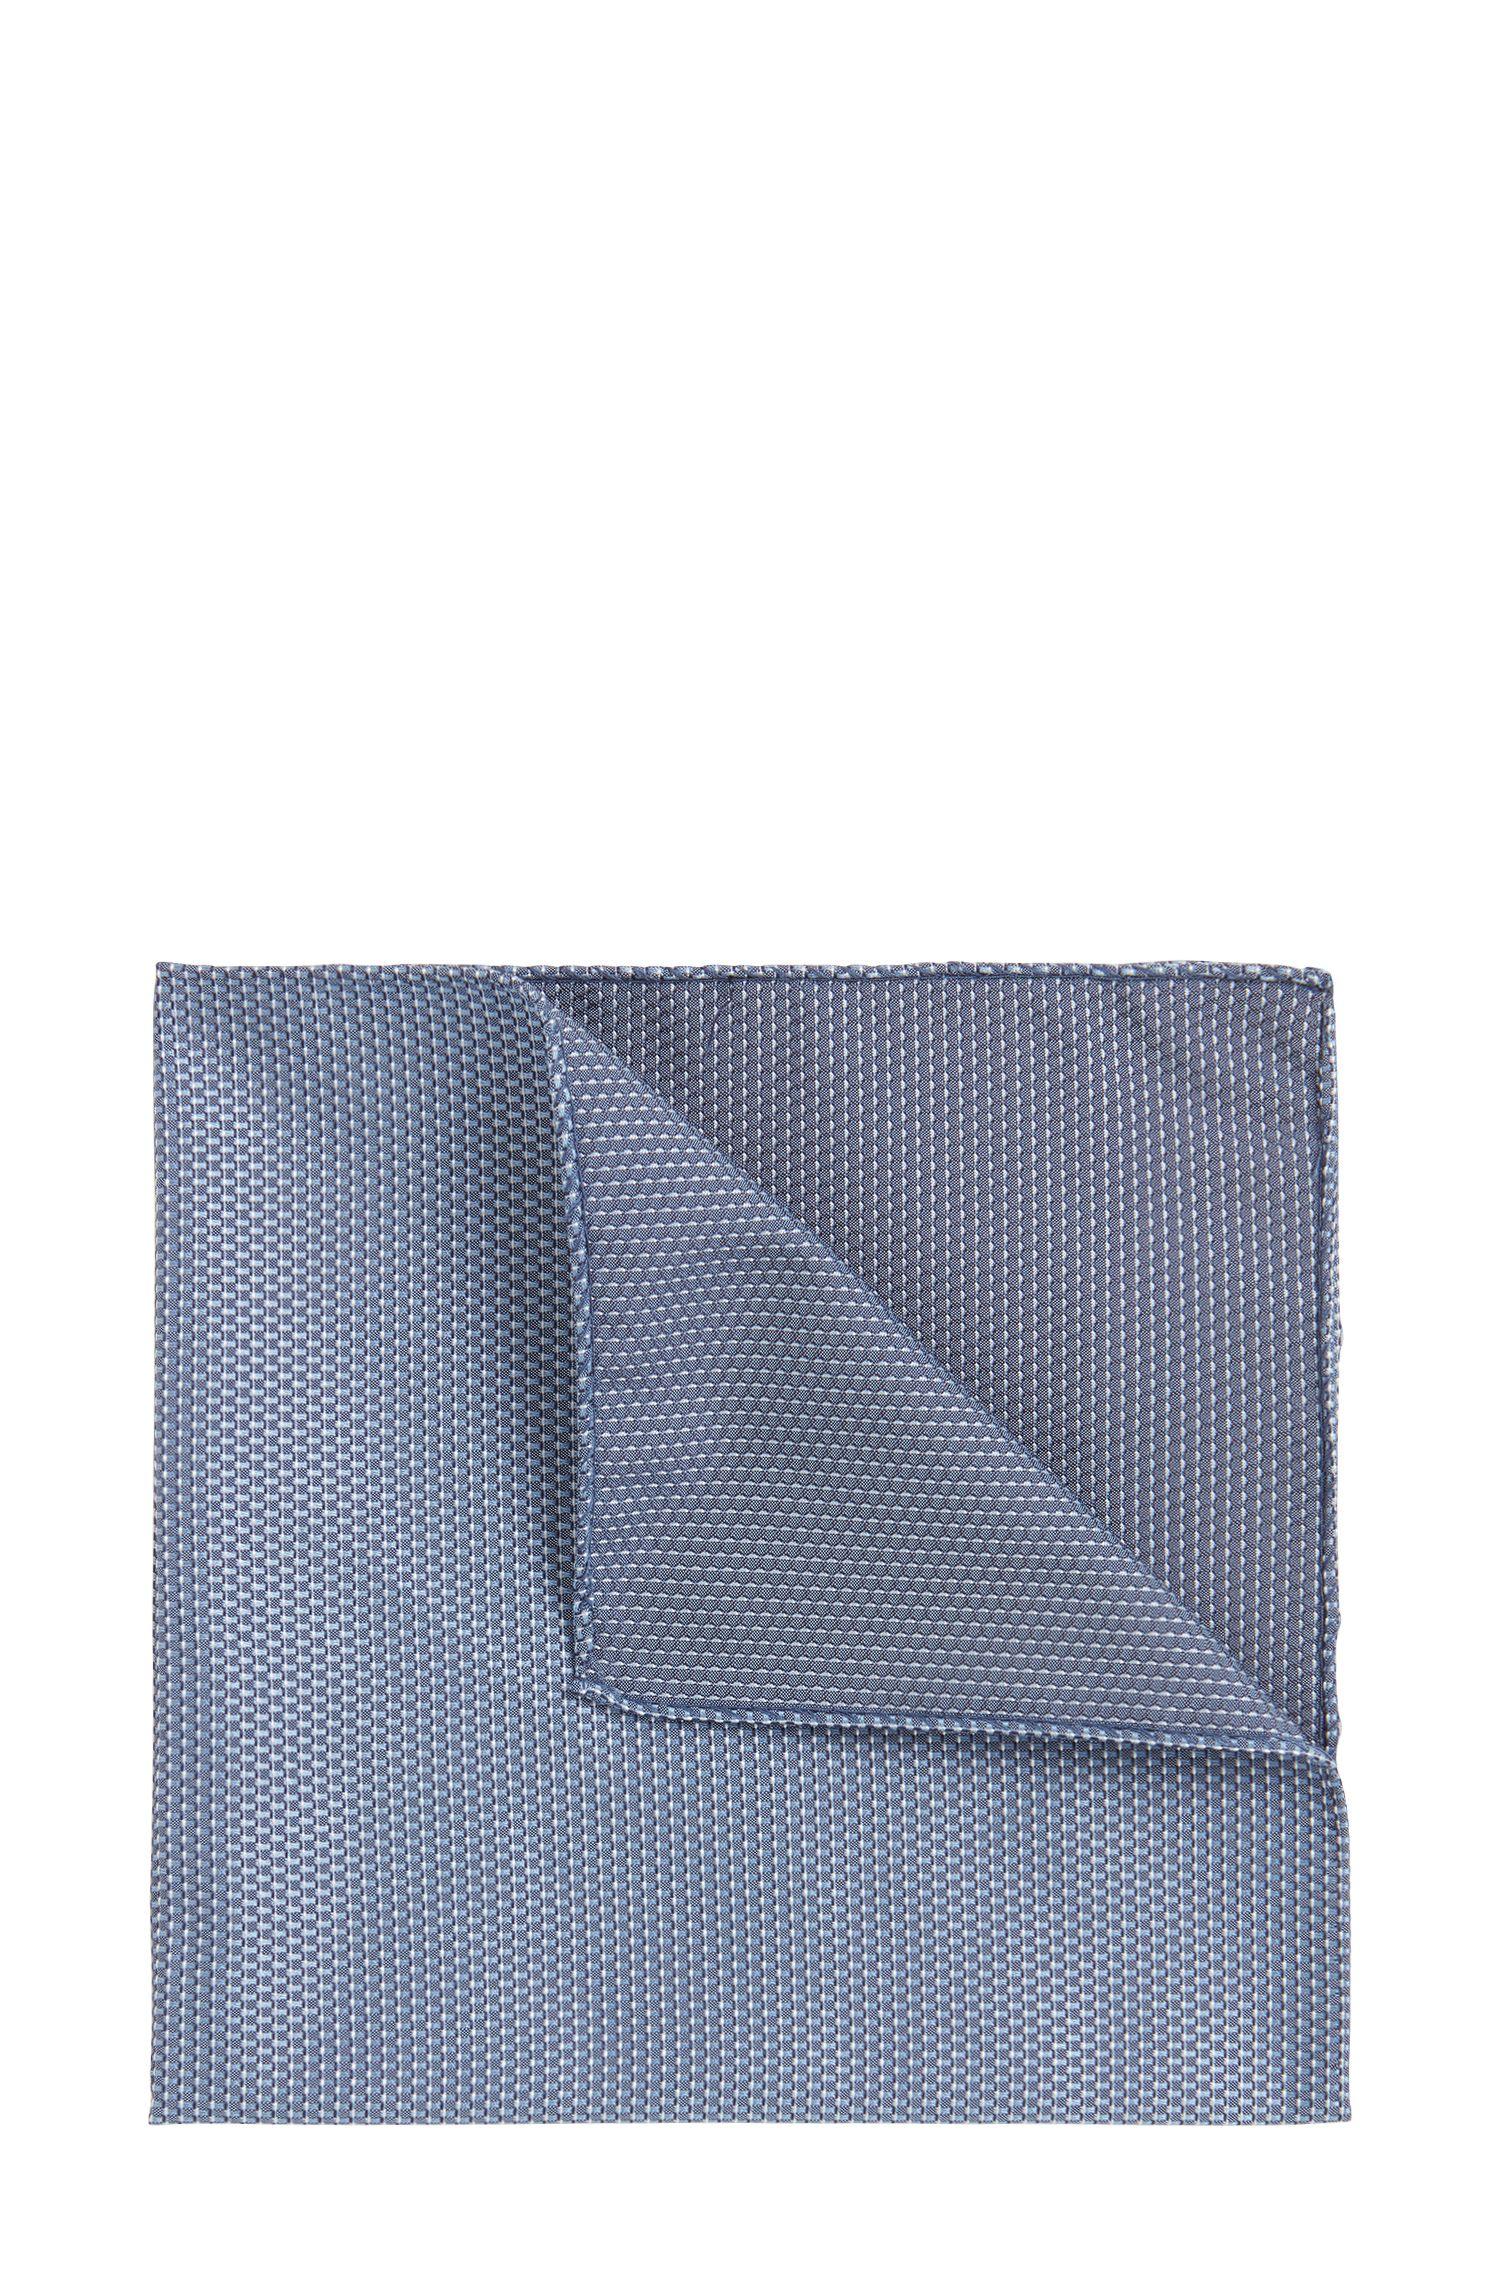 Pochette réversible en jacquard de soie à micro-motif